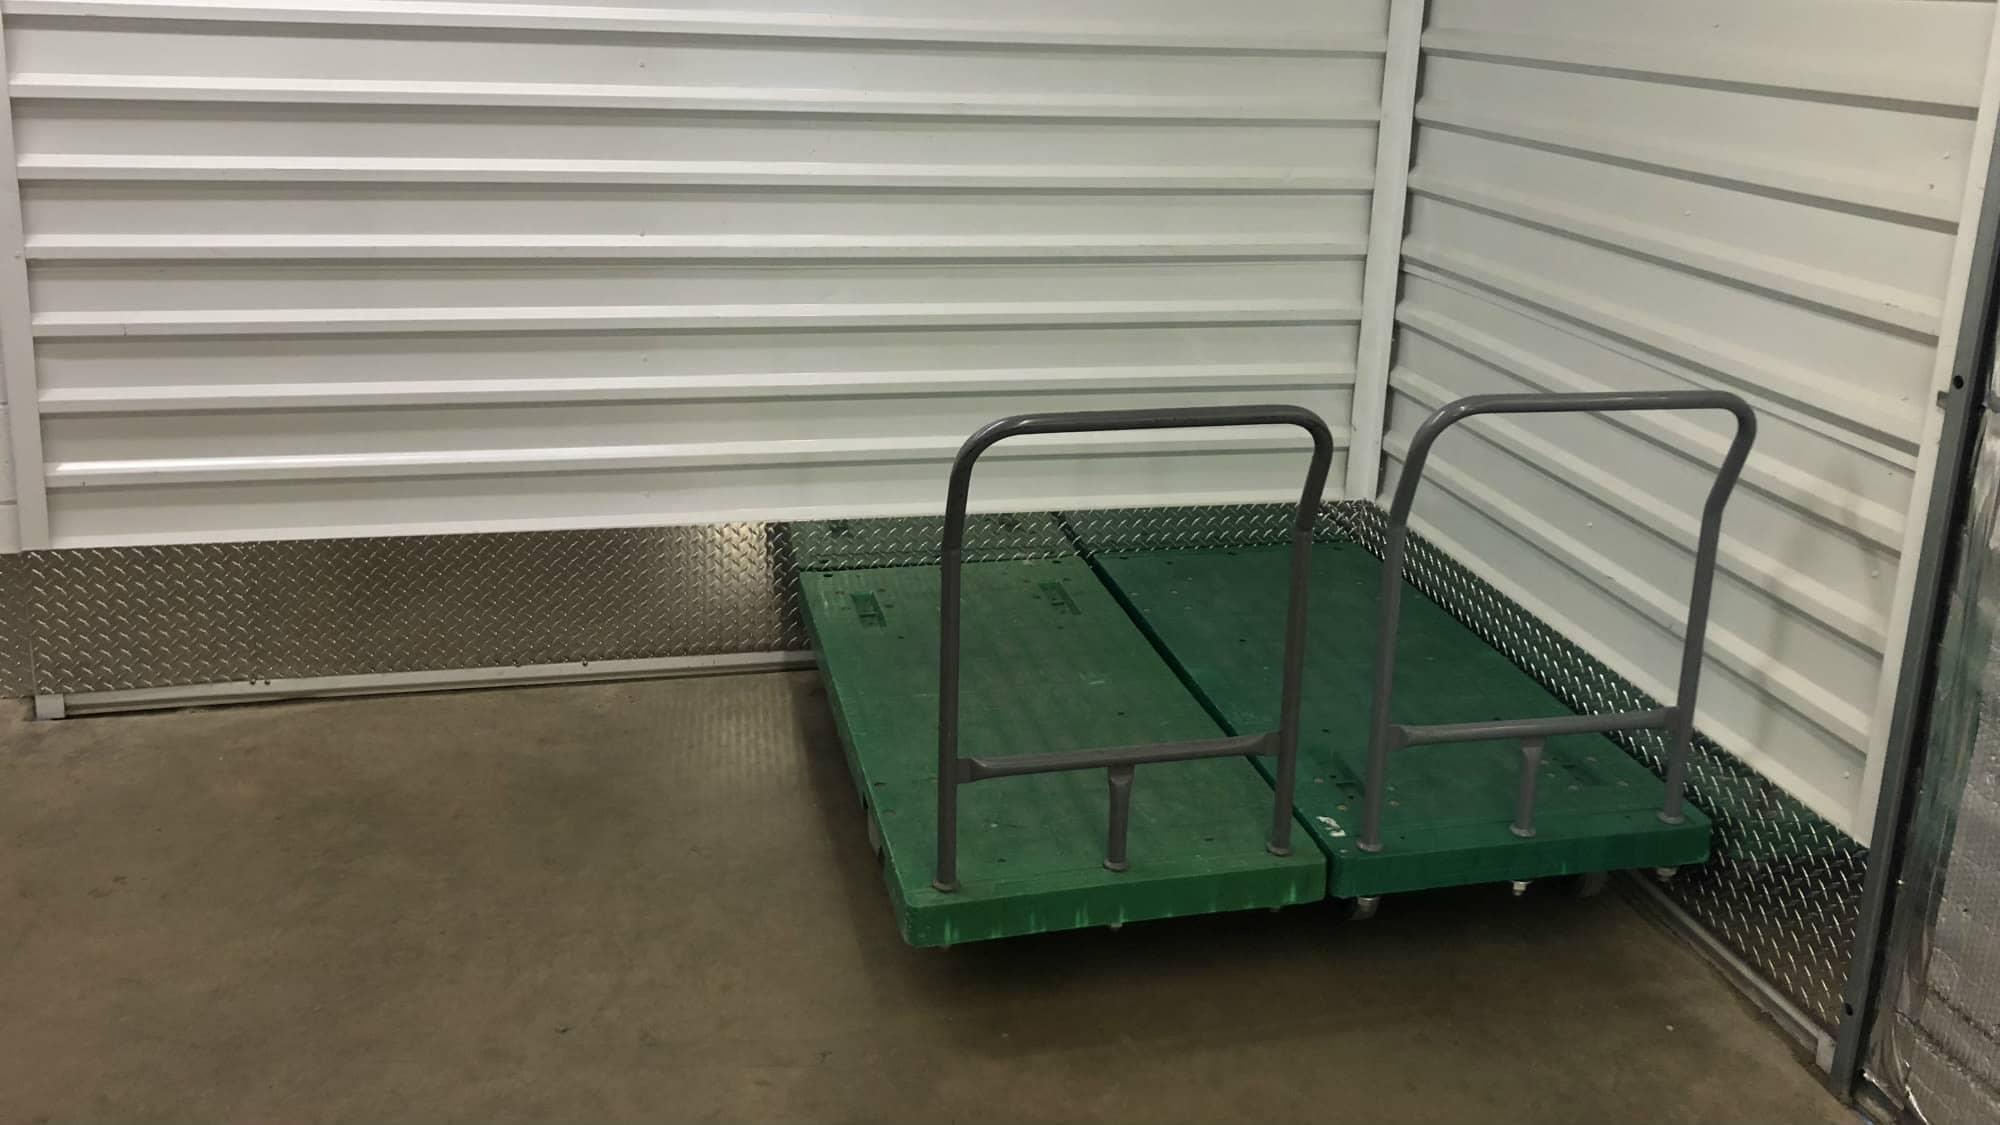 Carts at Self Storage Plus in Arlington, VA